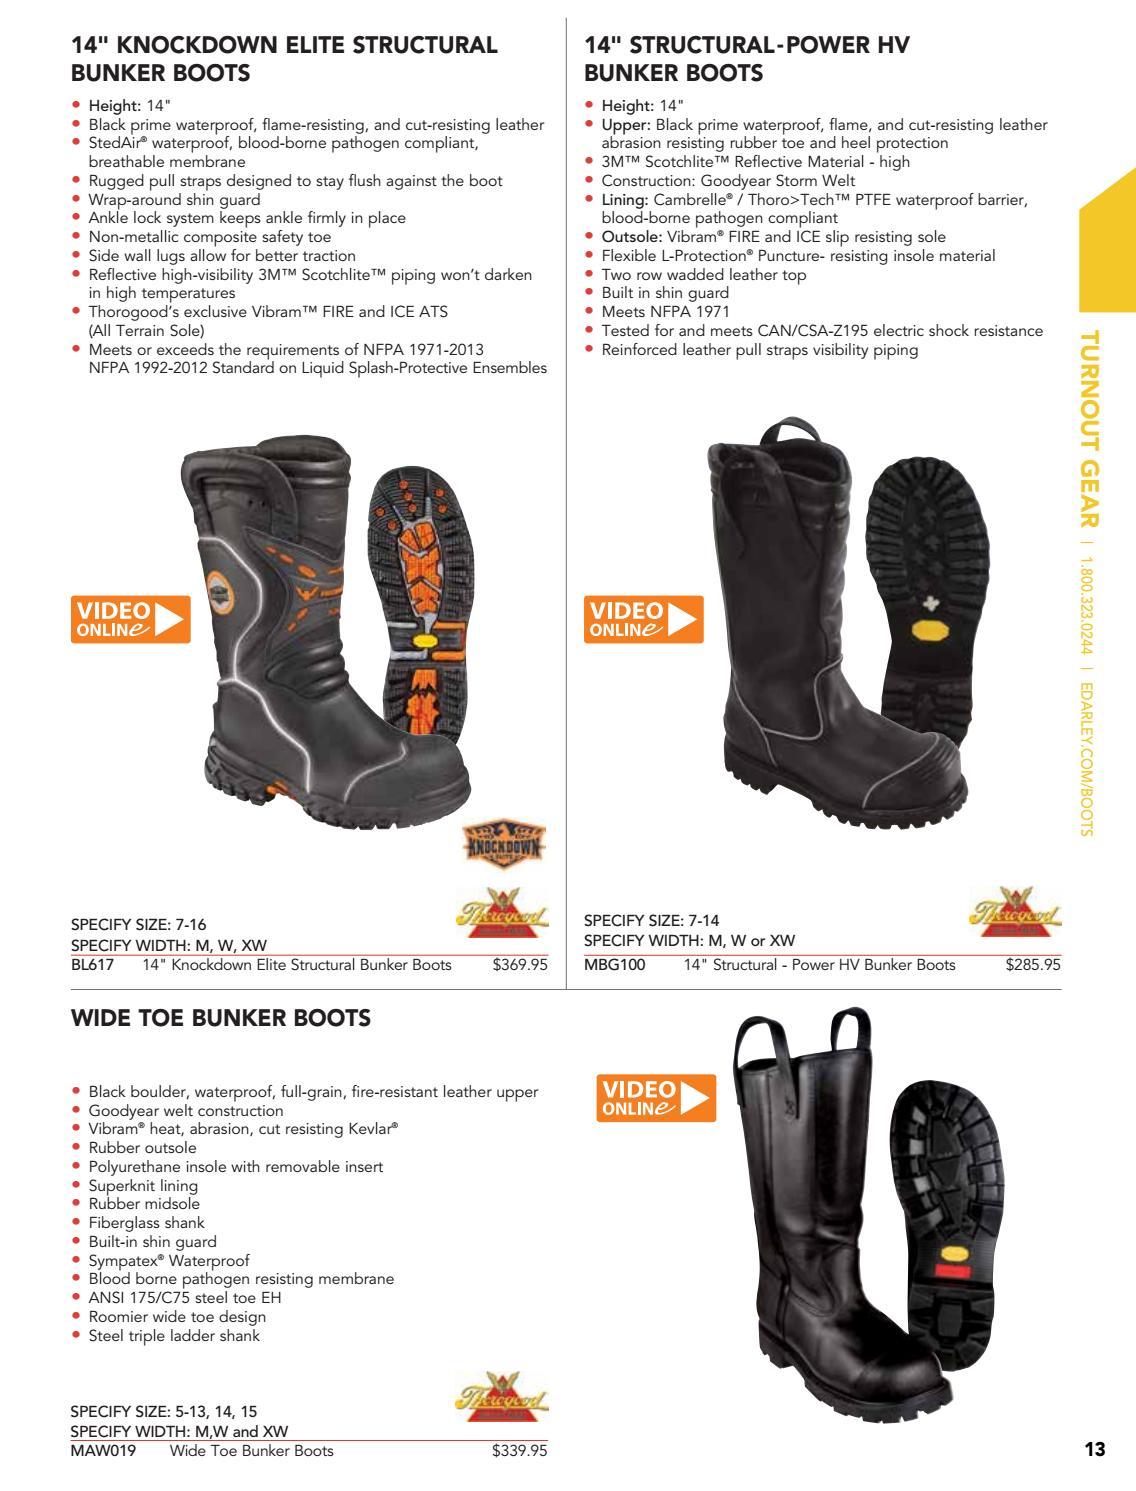 3481b23c1da Darley Equipment Catalog #272 by W. S. Darley & Company - issuu